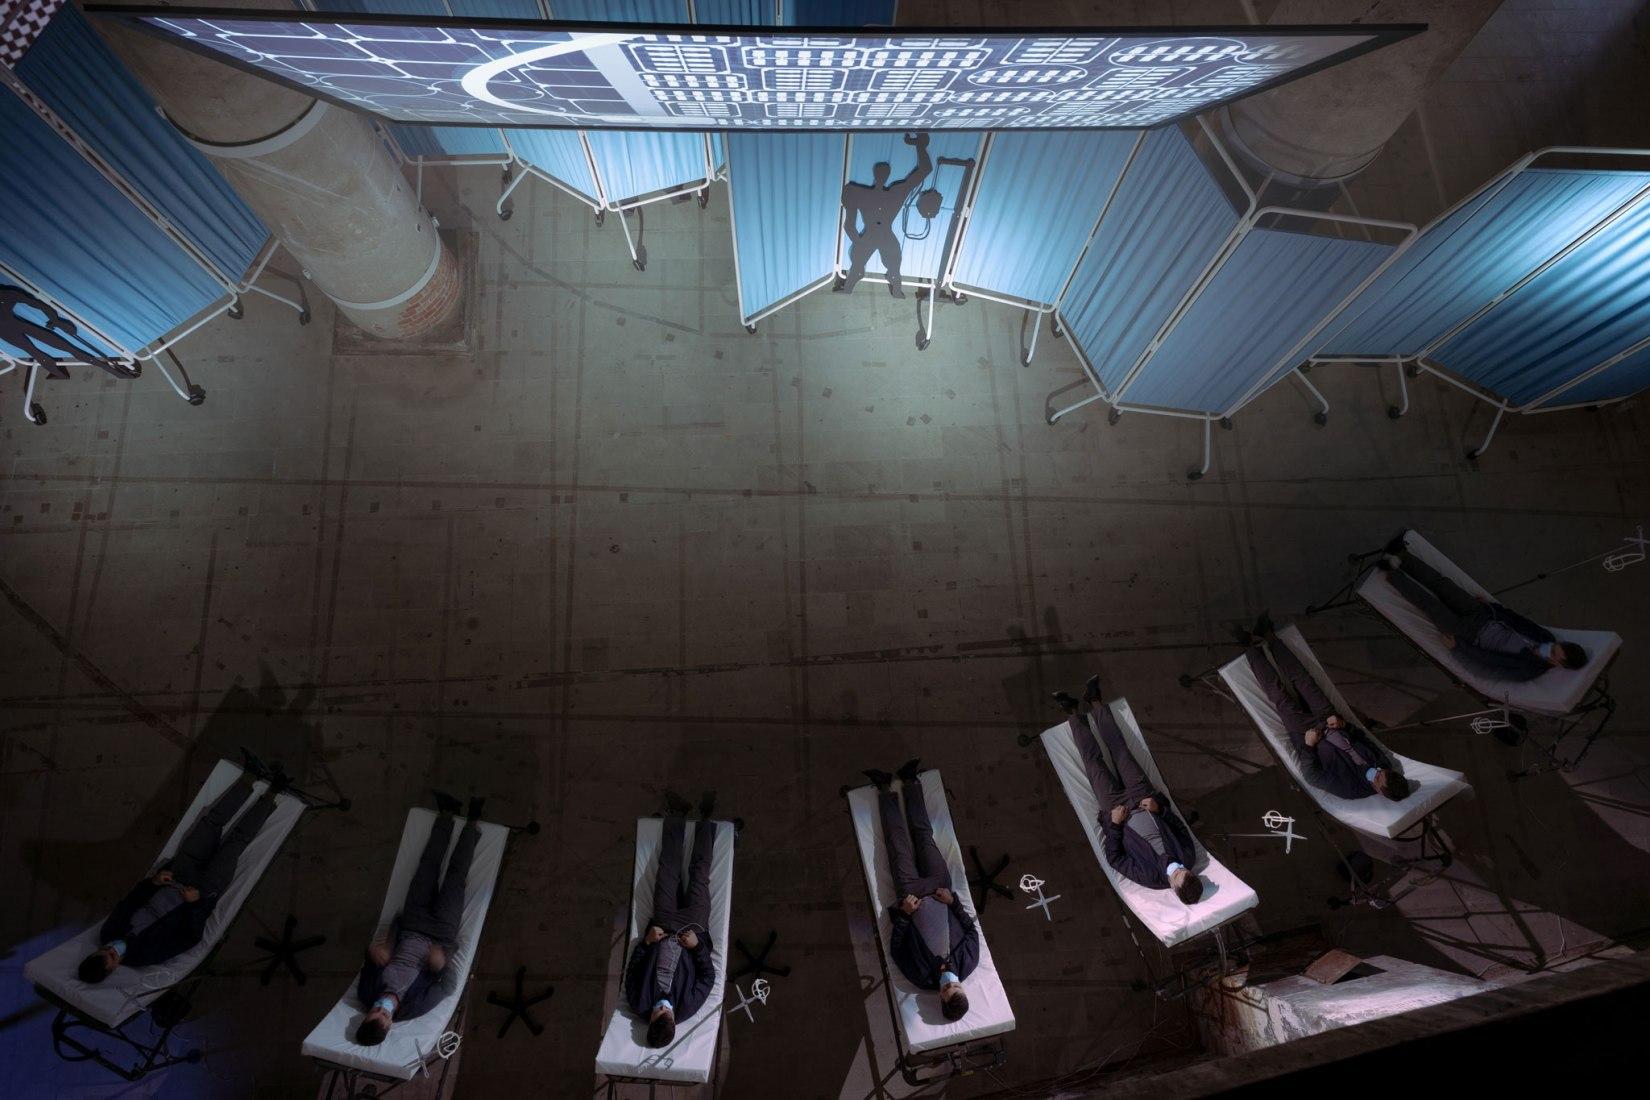 Hospital del futuro por OMA / Reinier de Graaf. Fotografía por Riccardo De Vecchi, cortesía de OMA.